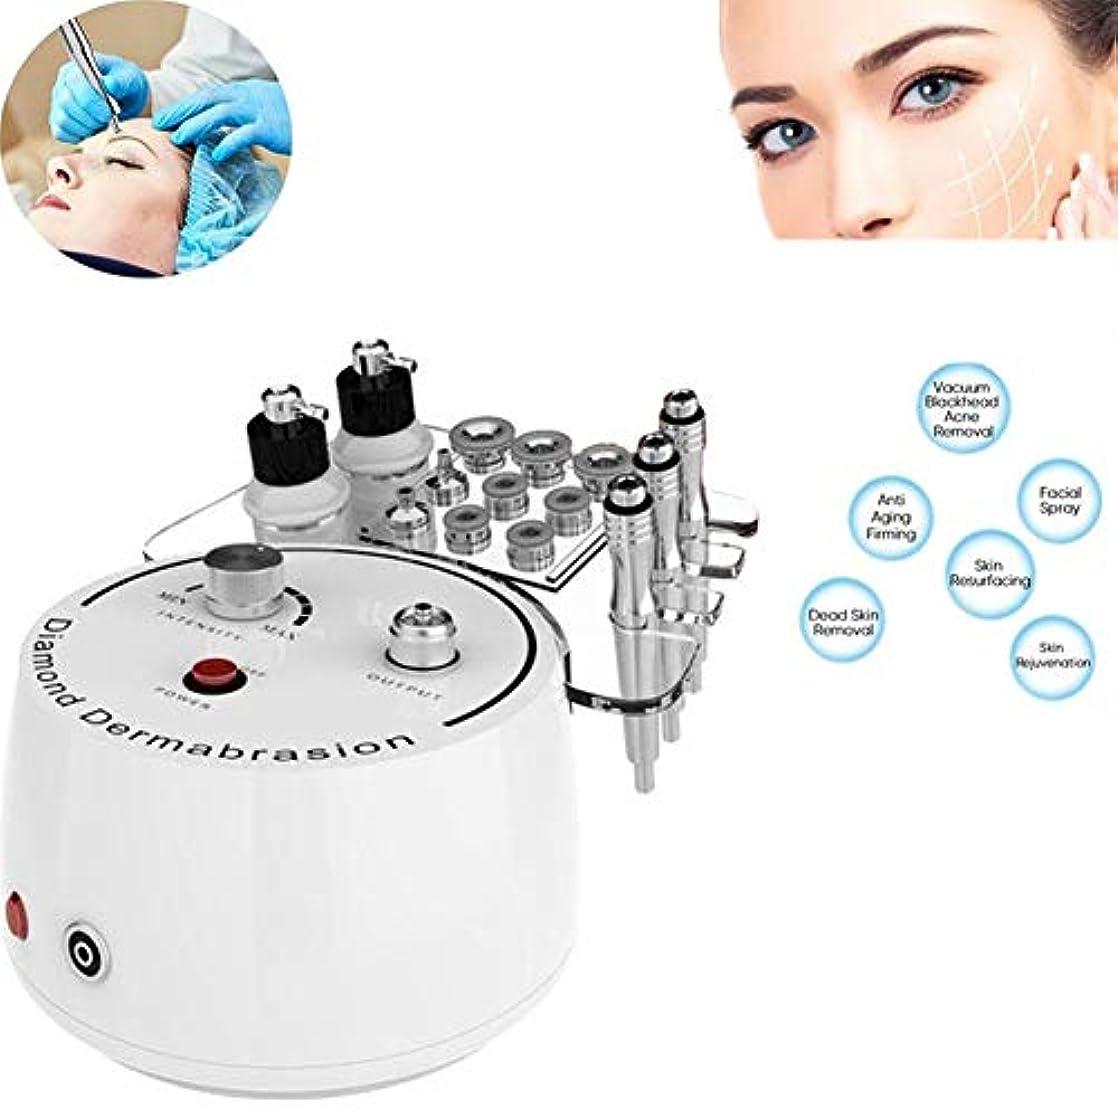 寛容な中央値調整1ダイヤモンドマイクロダーマブレーション皮膚剥離機ホームフェイシャル美容機器に付き3